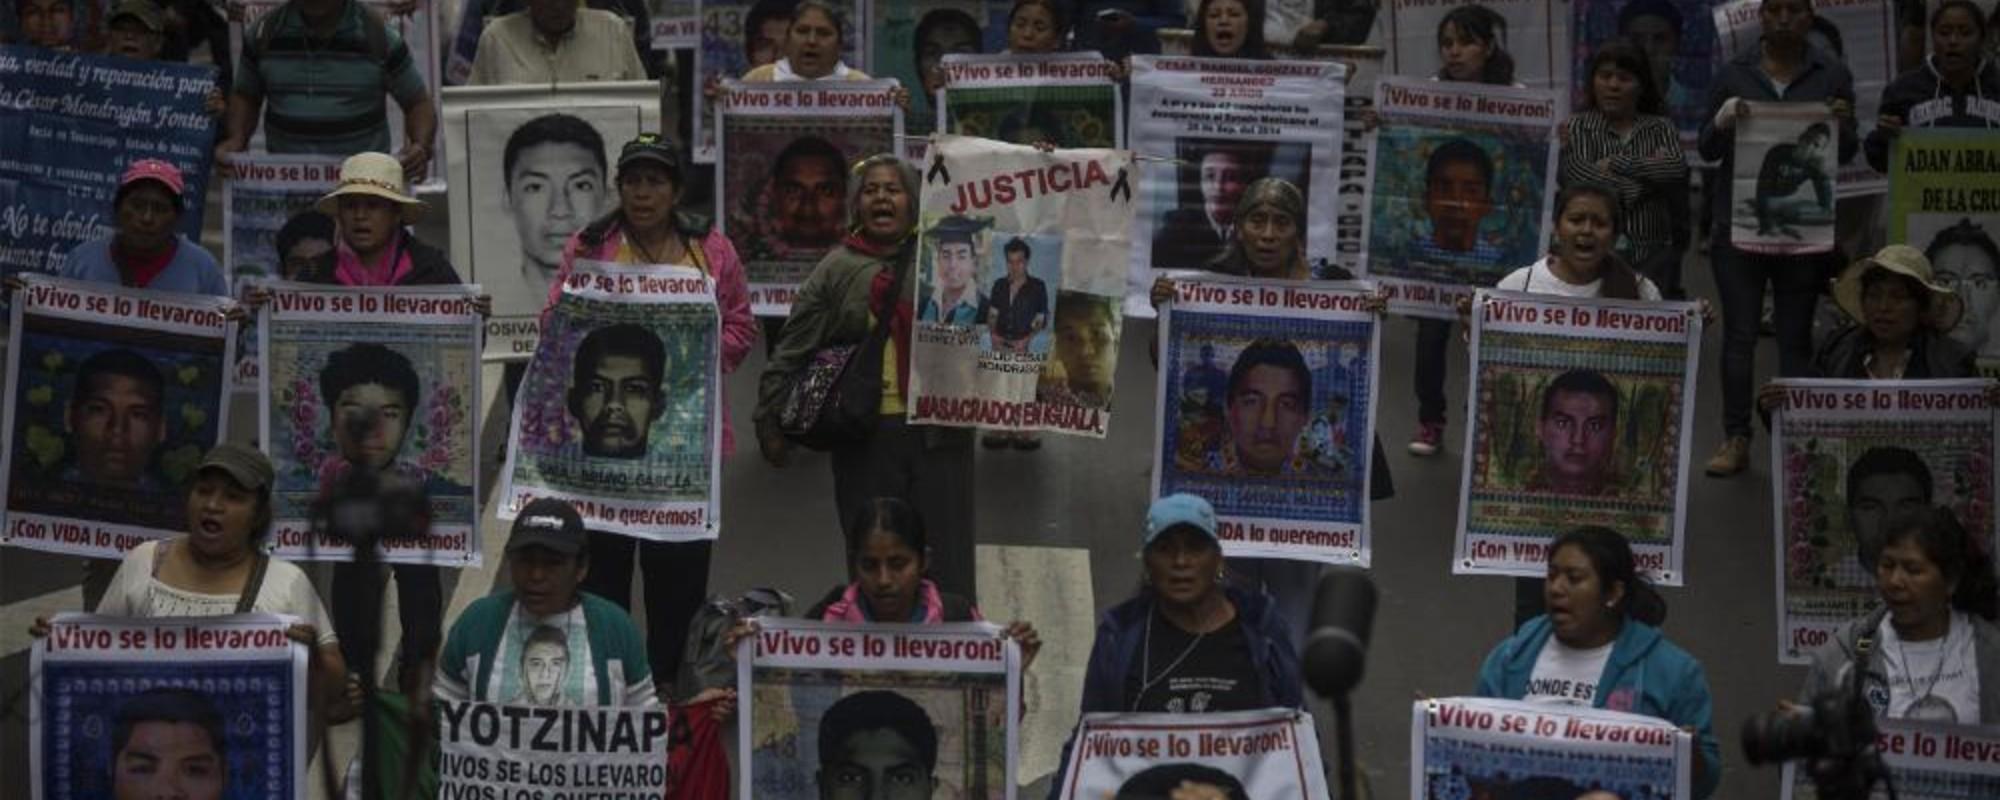 Fotografii de la marșul pentru tinerii dispăruți în Mexic